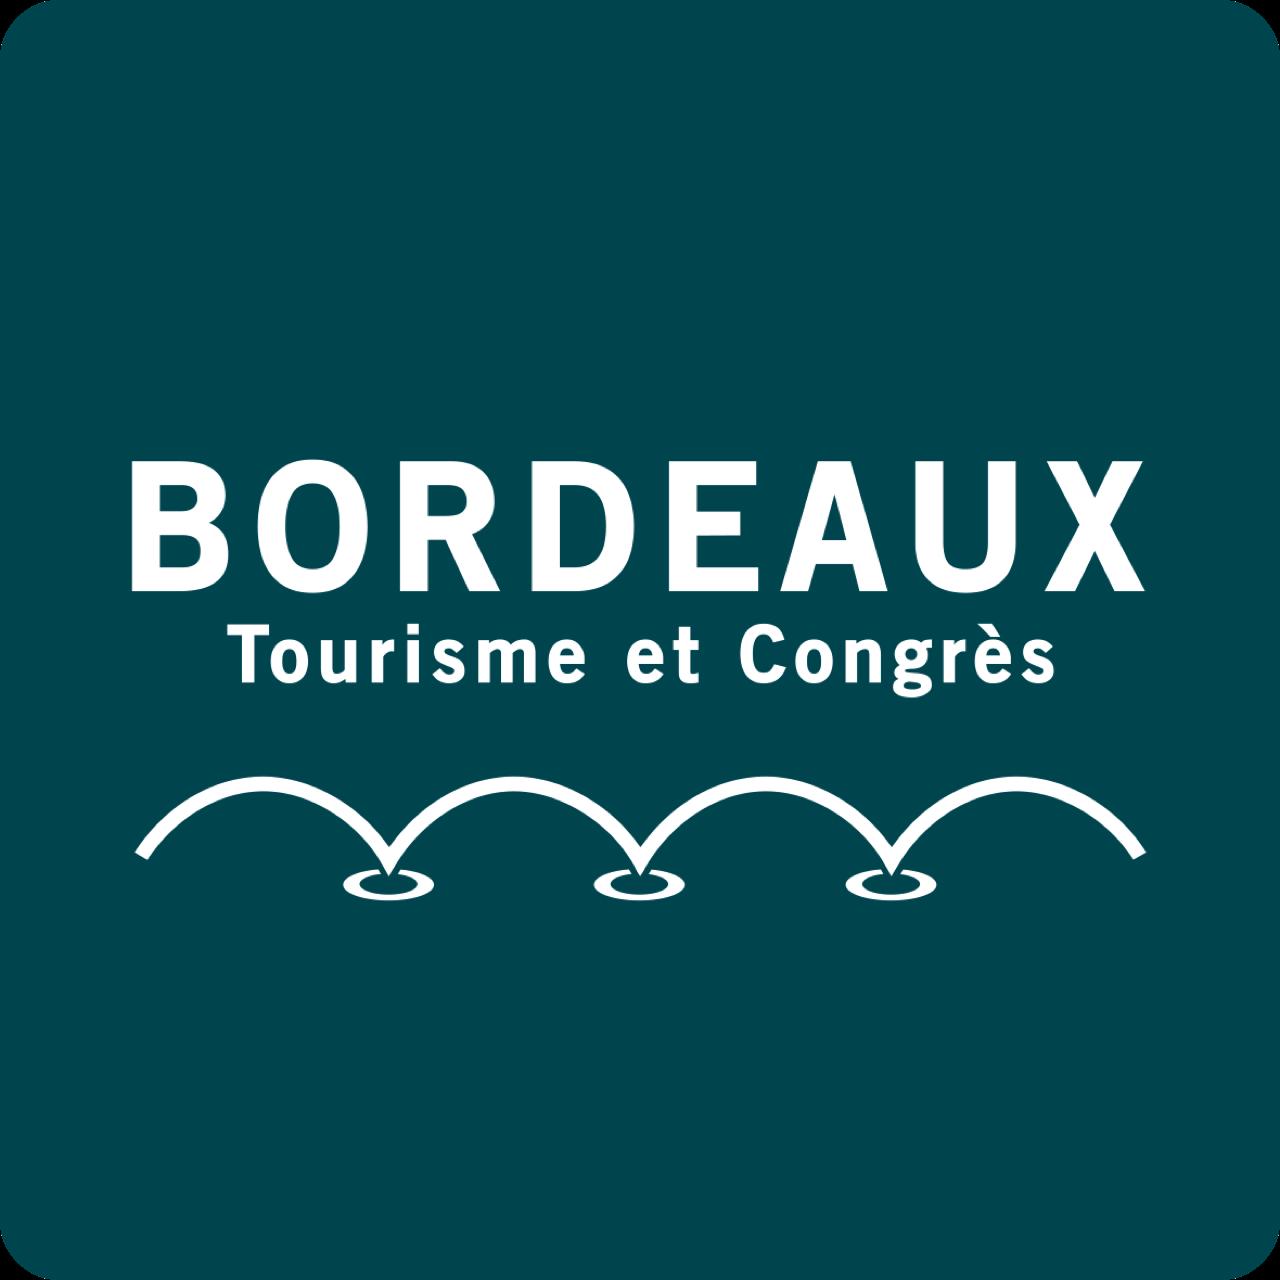 Le nouveau clip 39 cities 39 d voil par l 39 office du tourisme - Office du tourisme bordeaux horaires ...